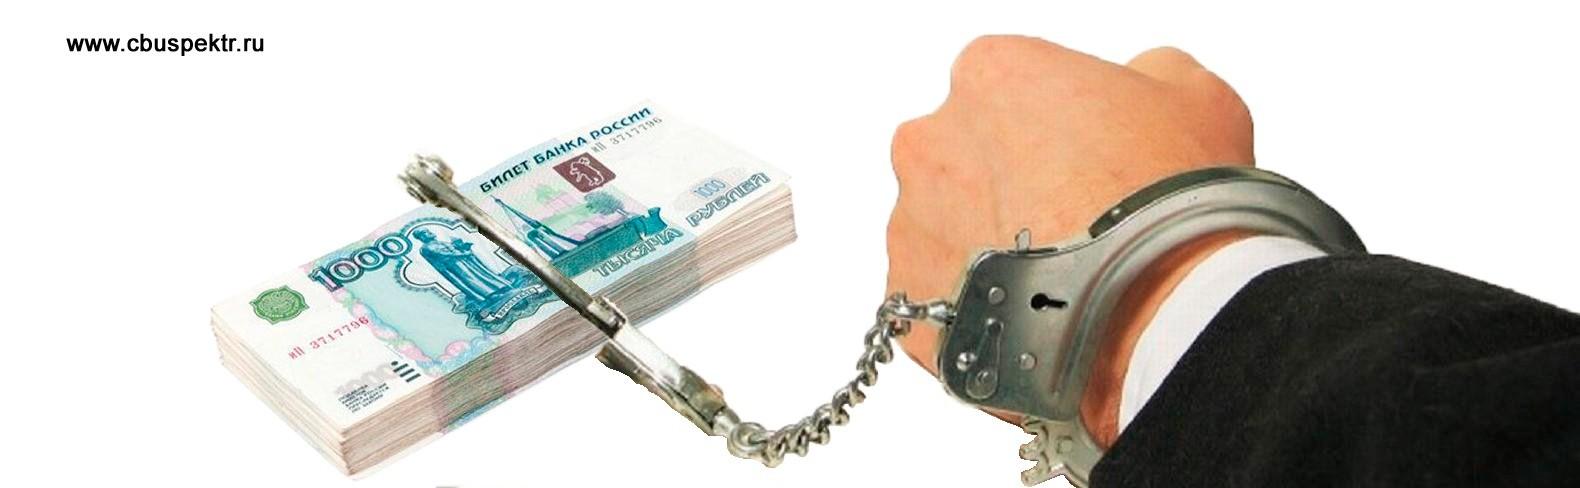 заемщик прикован к сумме кредита